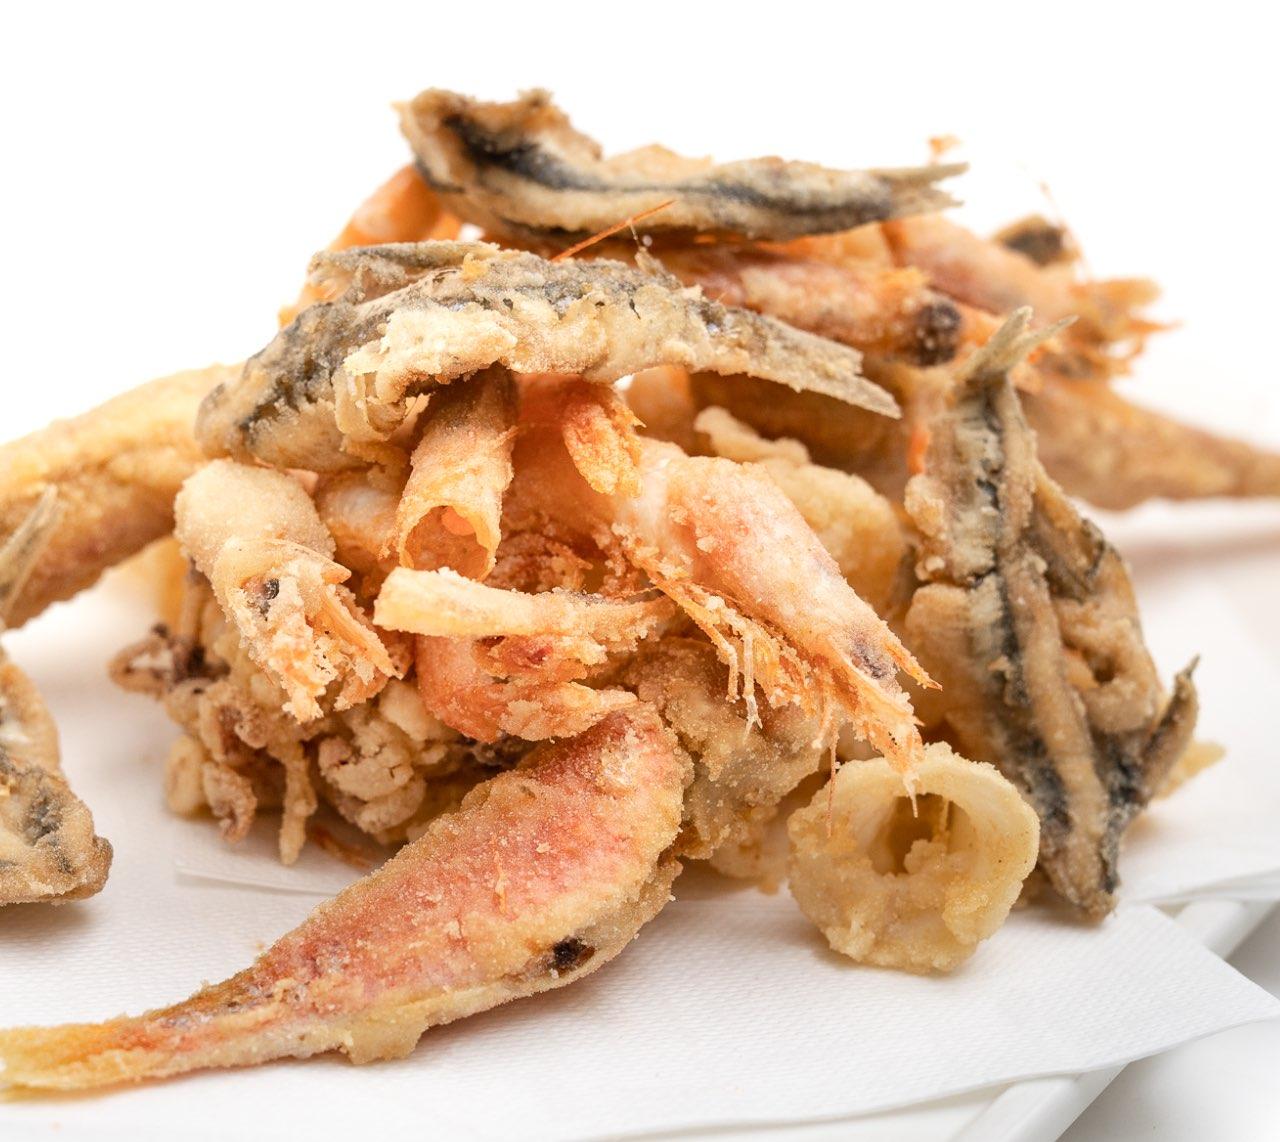 Cucina di pesce Rosignano